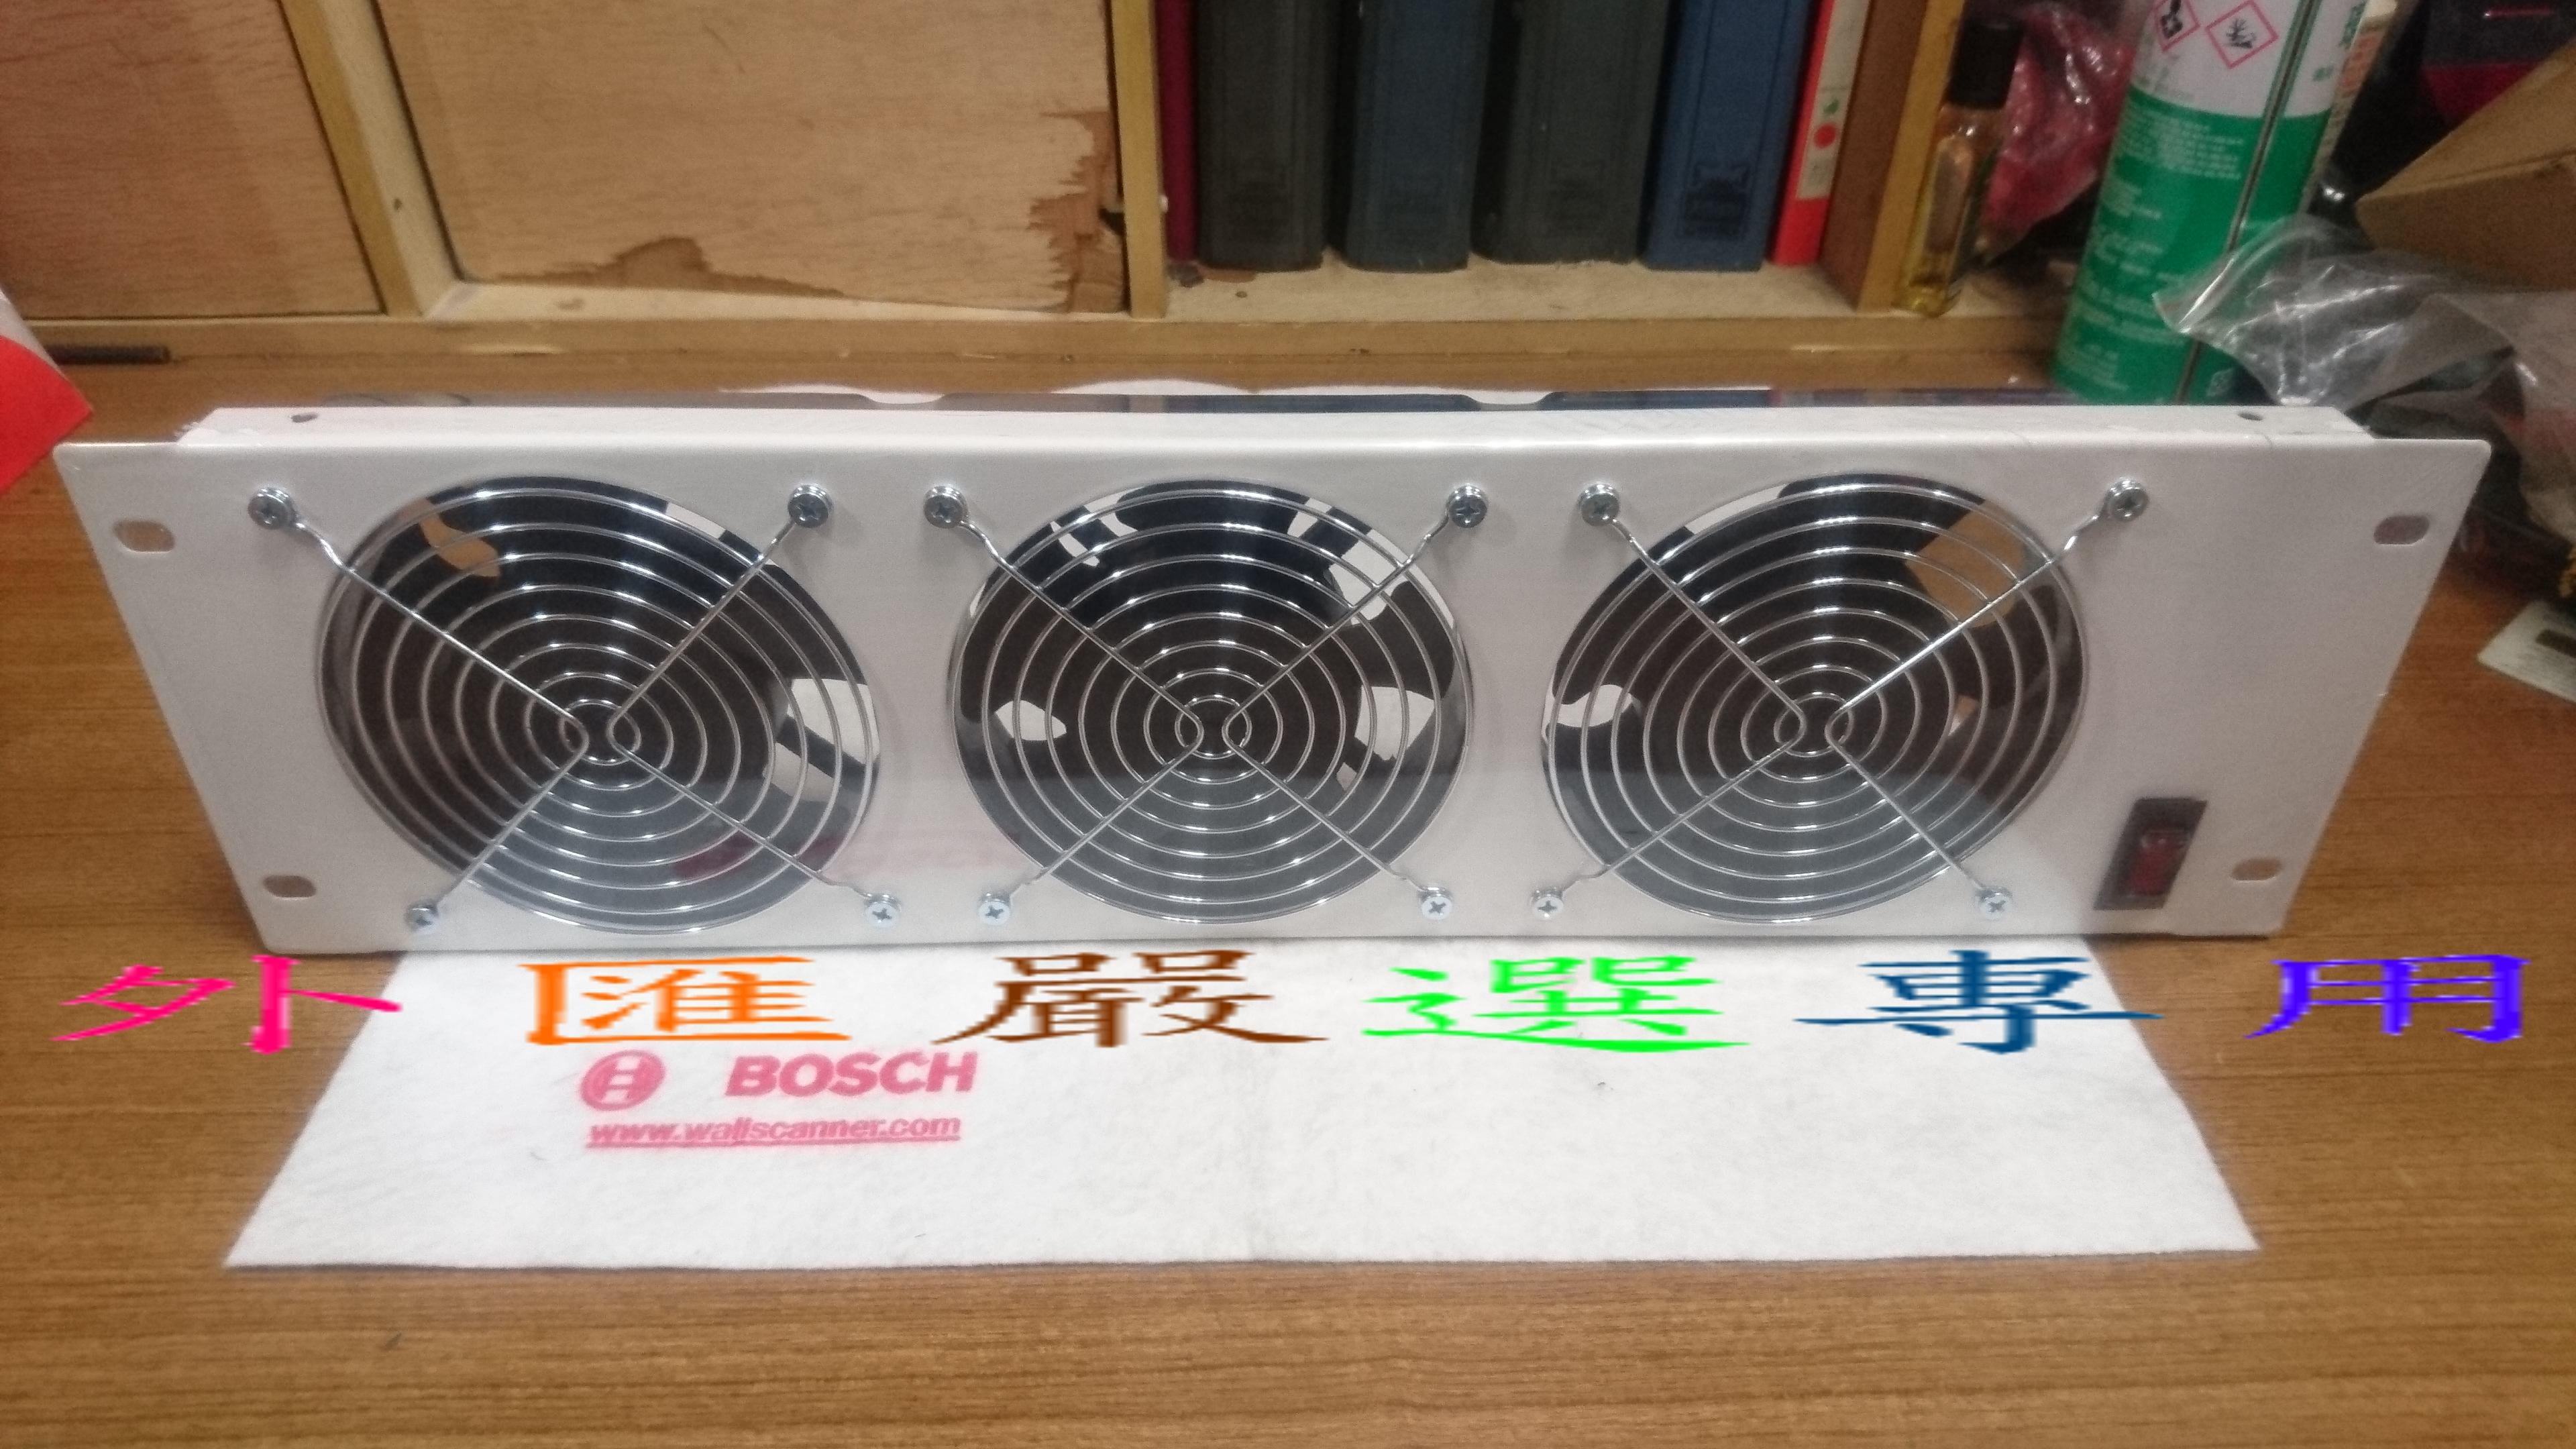 """""""外匯嚴選''4 吋110V 3孔 4"""" 附開關 電線 散熱風扇 排風機 排風機 排風扇 抽風機 抽風扇 通風機 通風扇"""